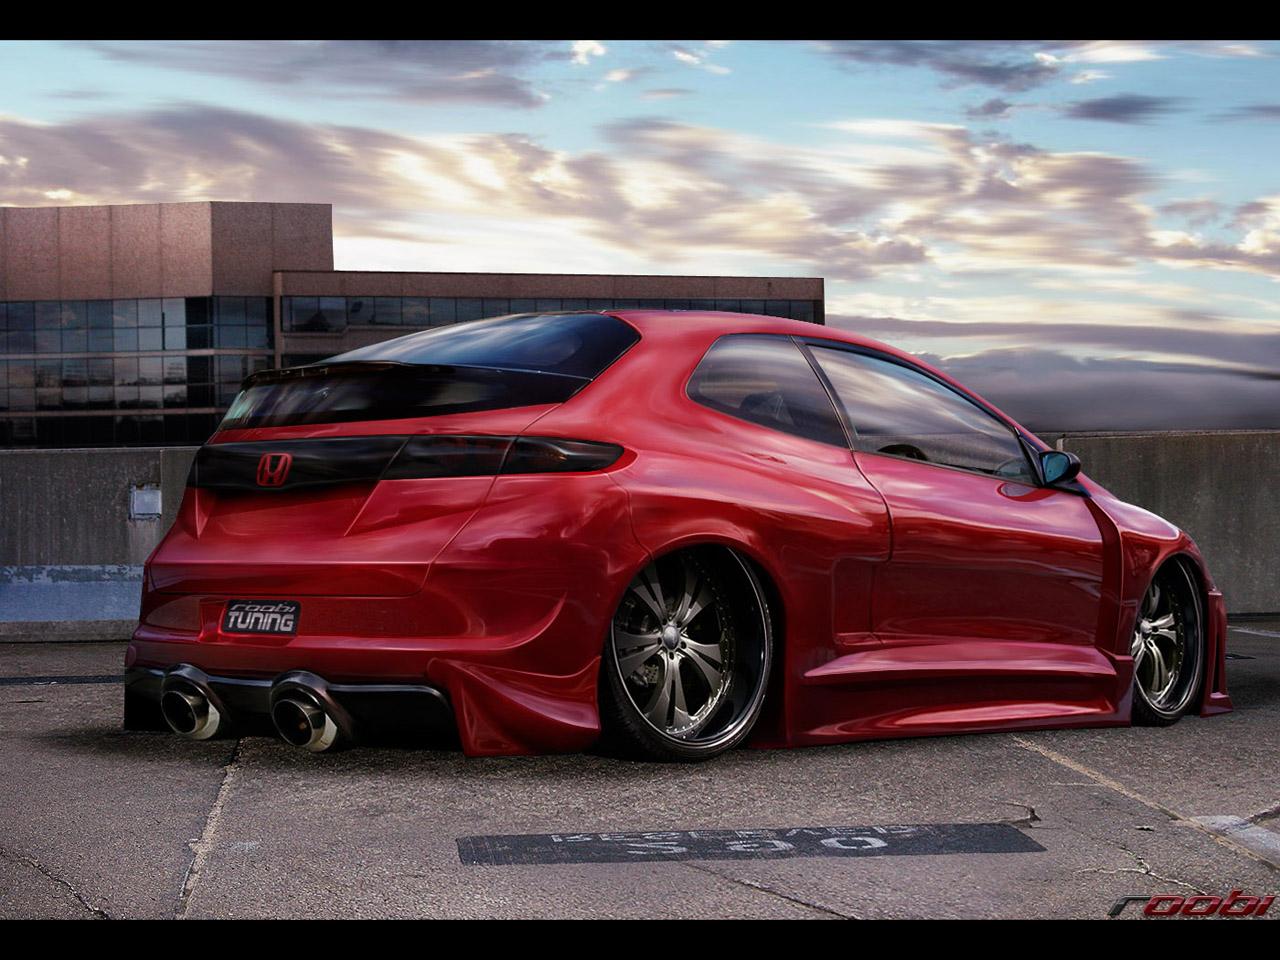 https://1.bp.blogspot.com/-F6GyTaN1q98/T9I-IwV0unI/AAAAAAAAA6k/9WrHOFq7TuM/s1600/Honda_Civic_by_roobi.jpg